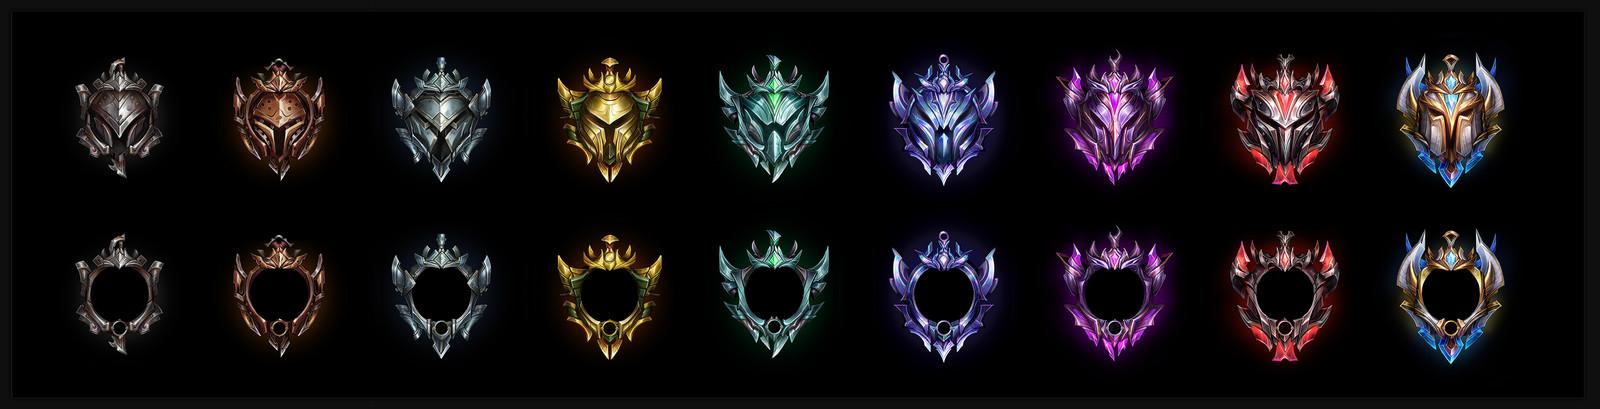 Ranked emblem concepts